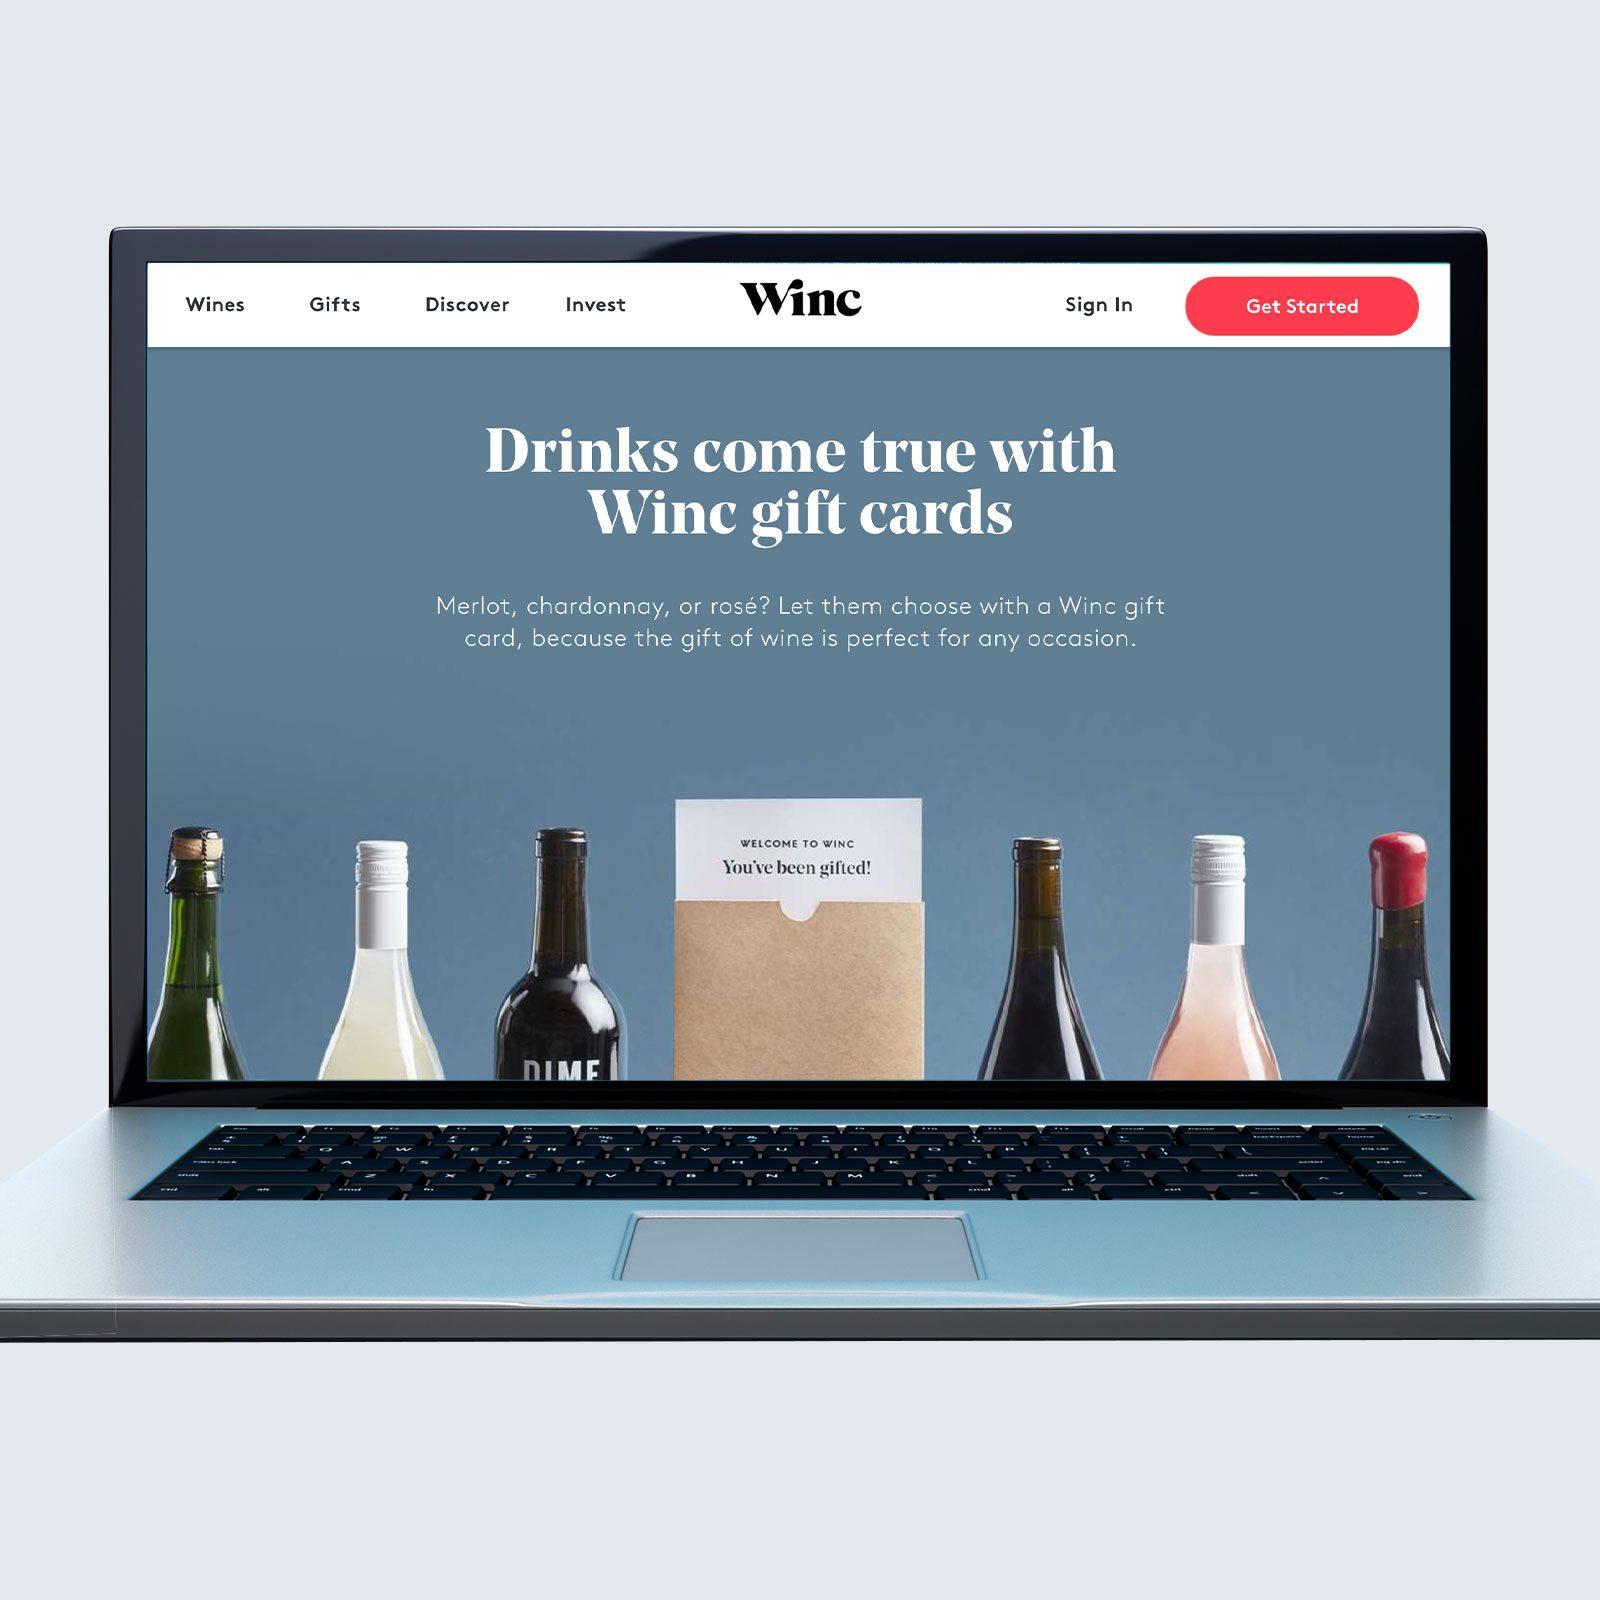 For wine aficionados: Winc Wine Subscriptions